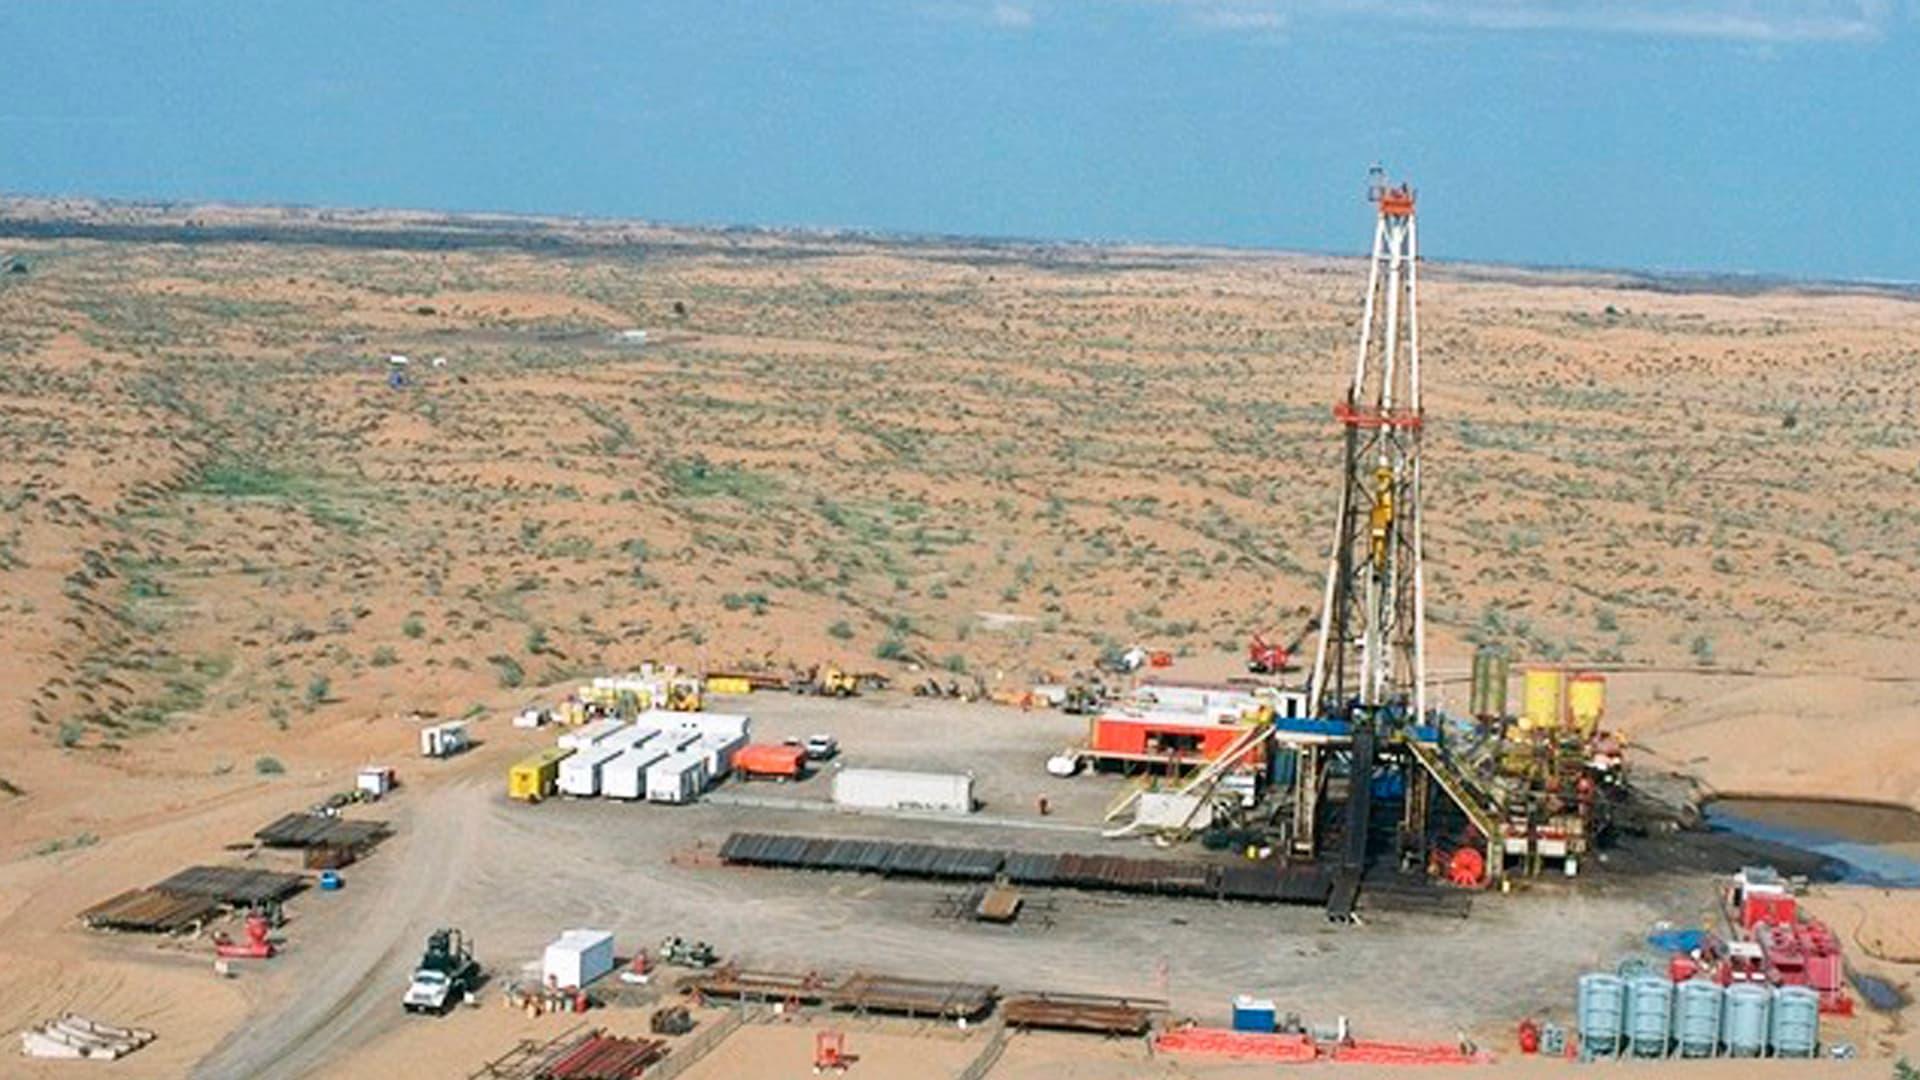 """بعد أقل من عام على اكتشافه.. الإمارات تعلن بدء إنتاج الغاز في بئر """"محاني"""" بالشارقة"""